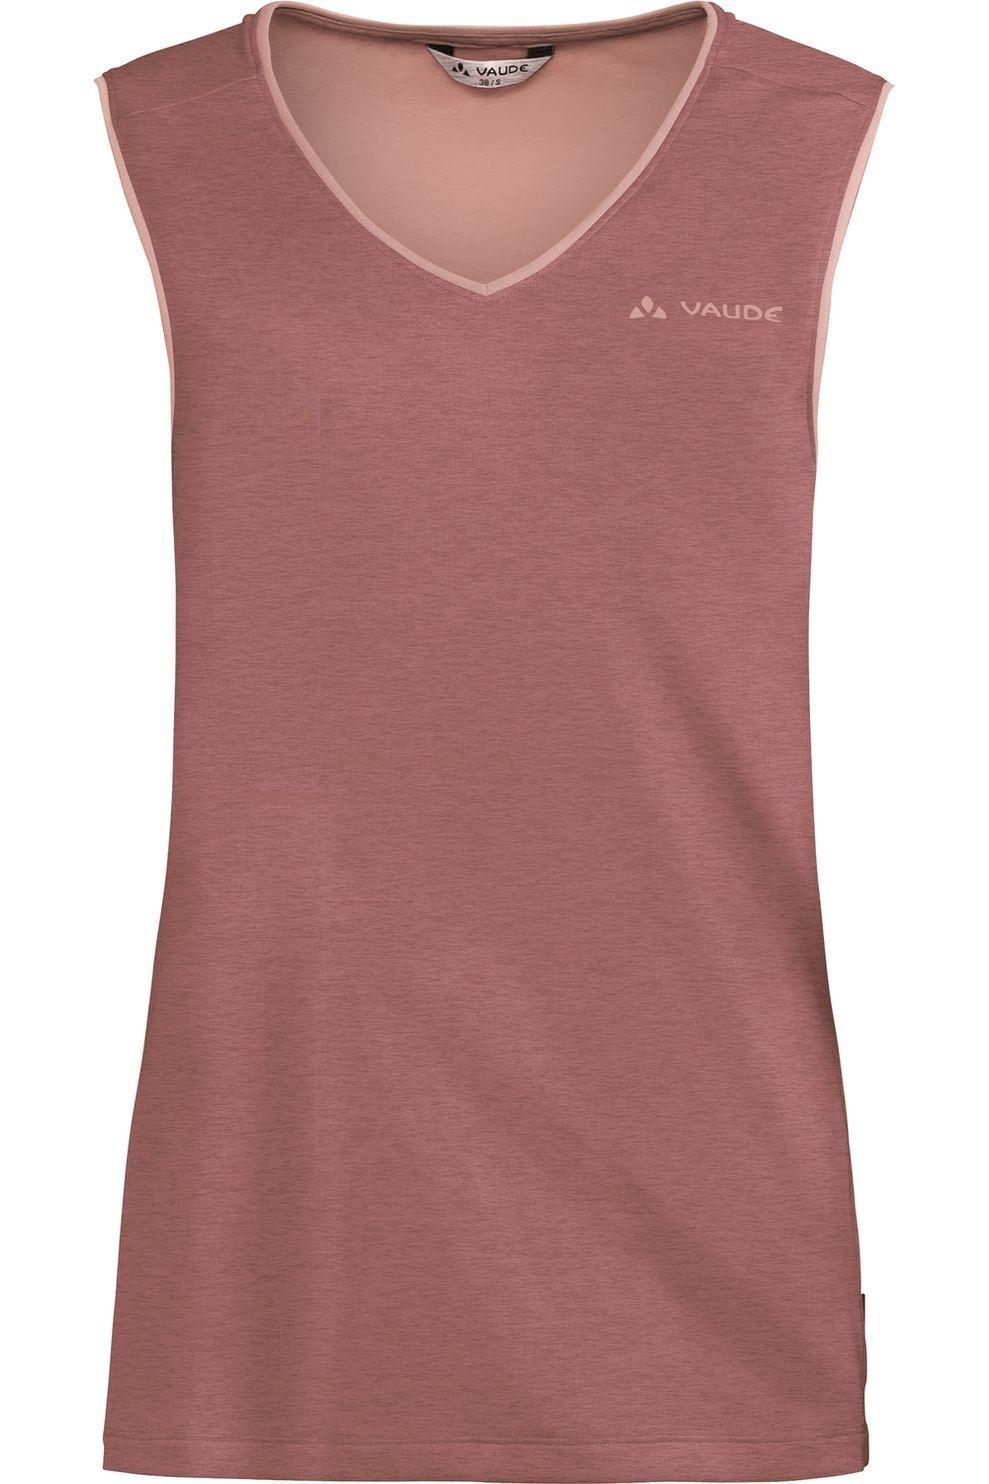 VAUDE T-Shirt Essential voor dames - Roze/Mengeling - Maten: 38, 40, 42, 44, 46